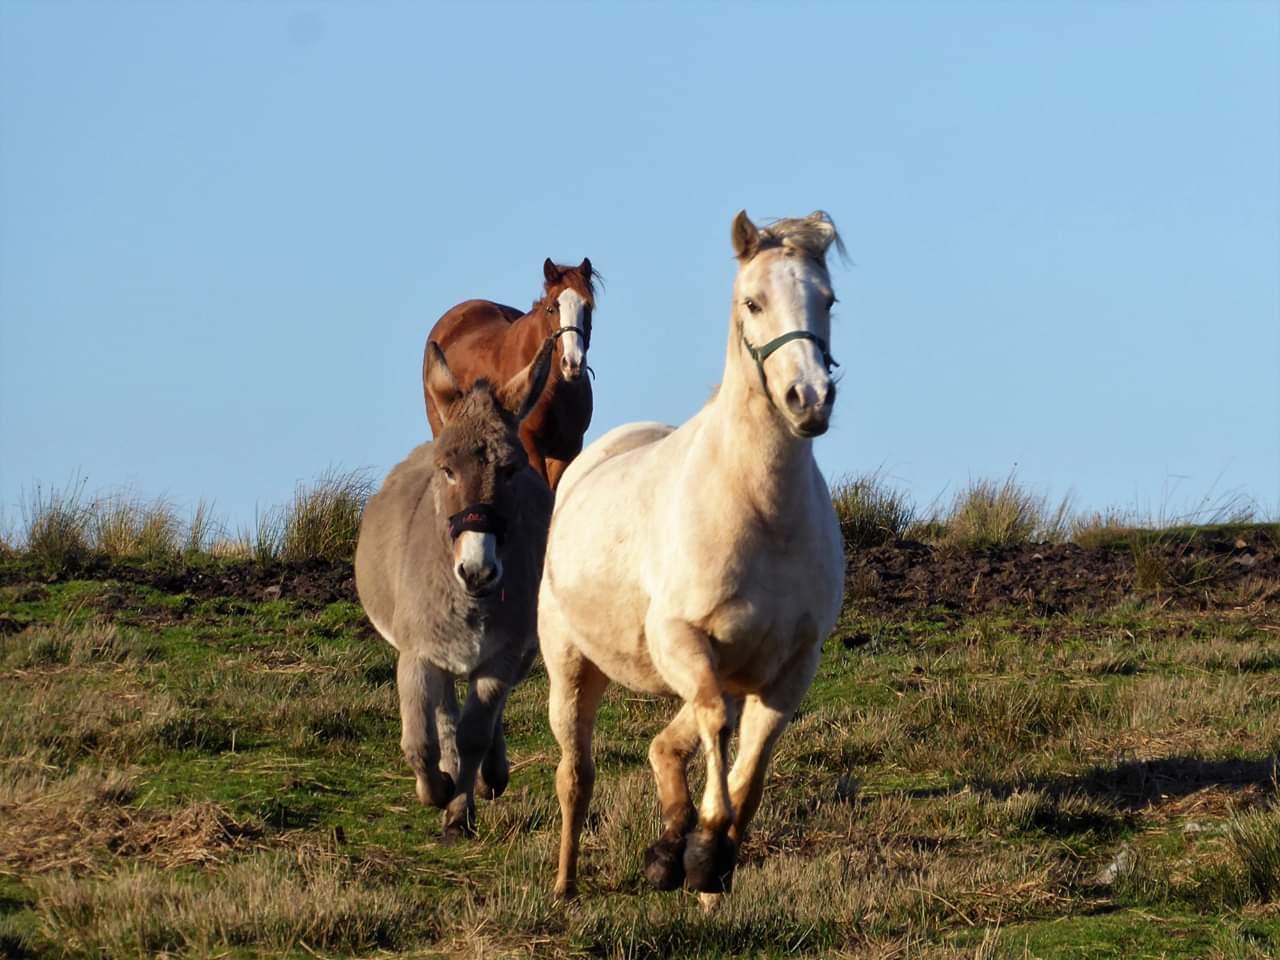 horses donkey